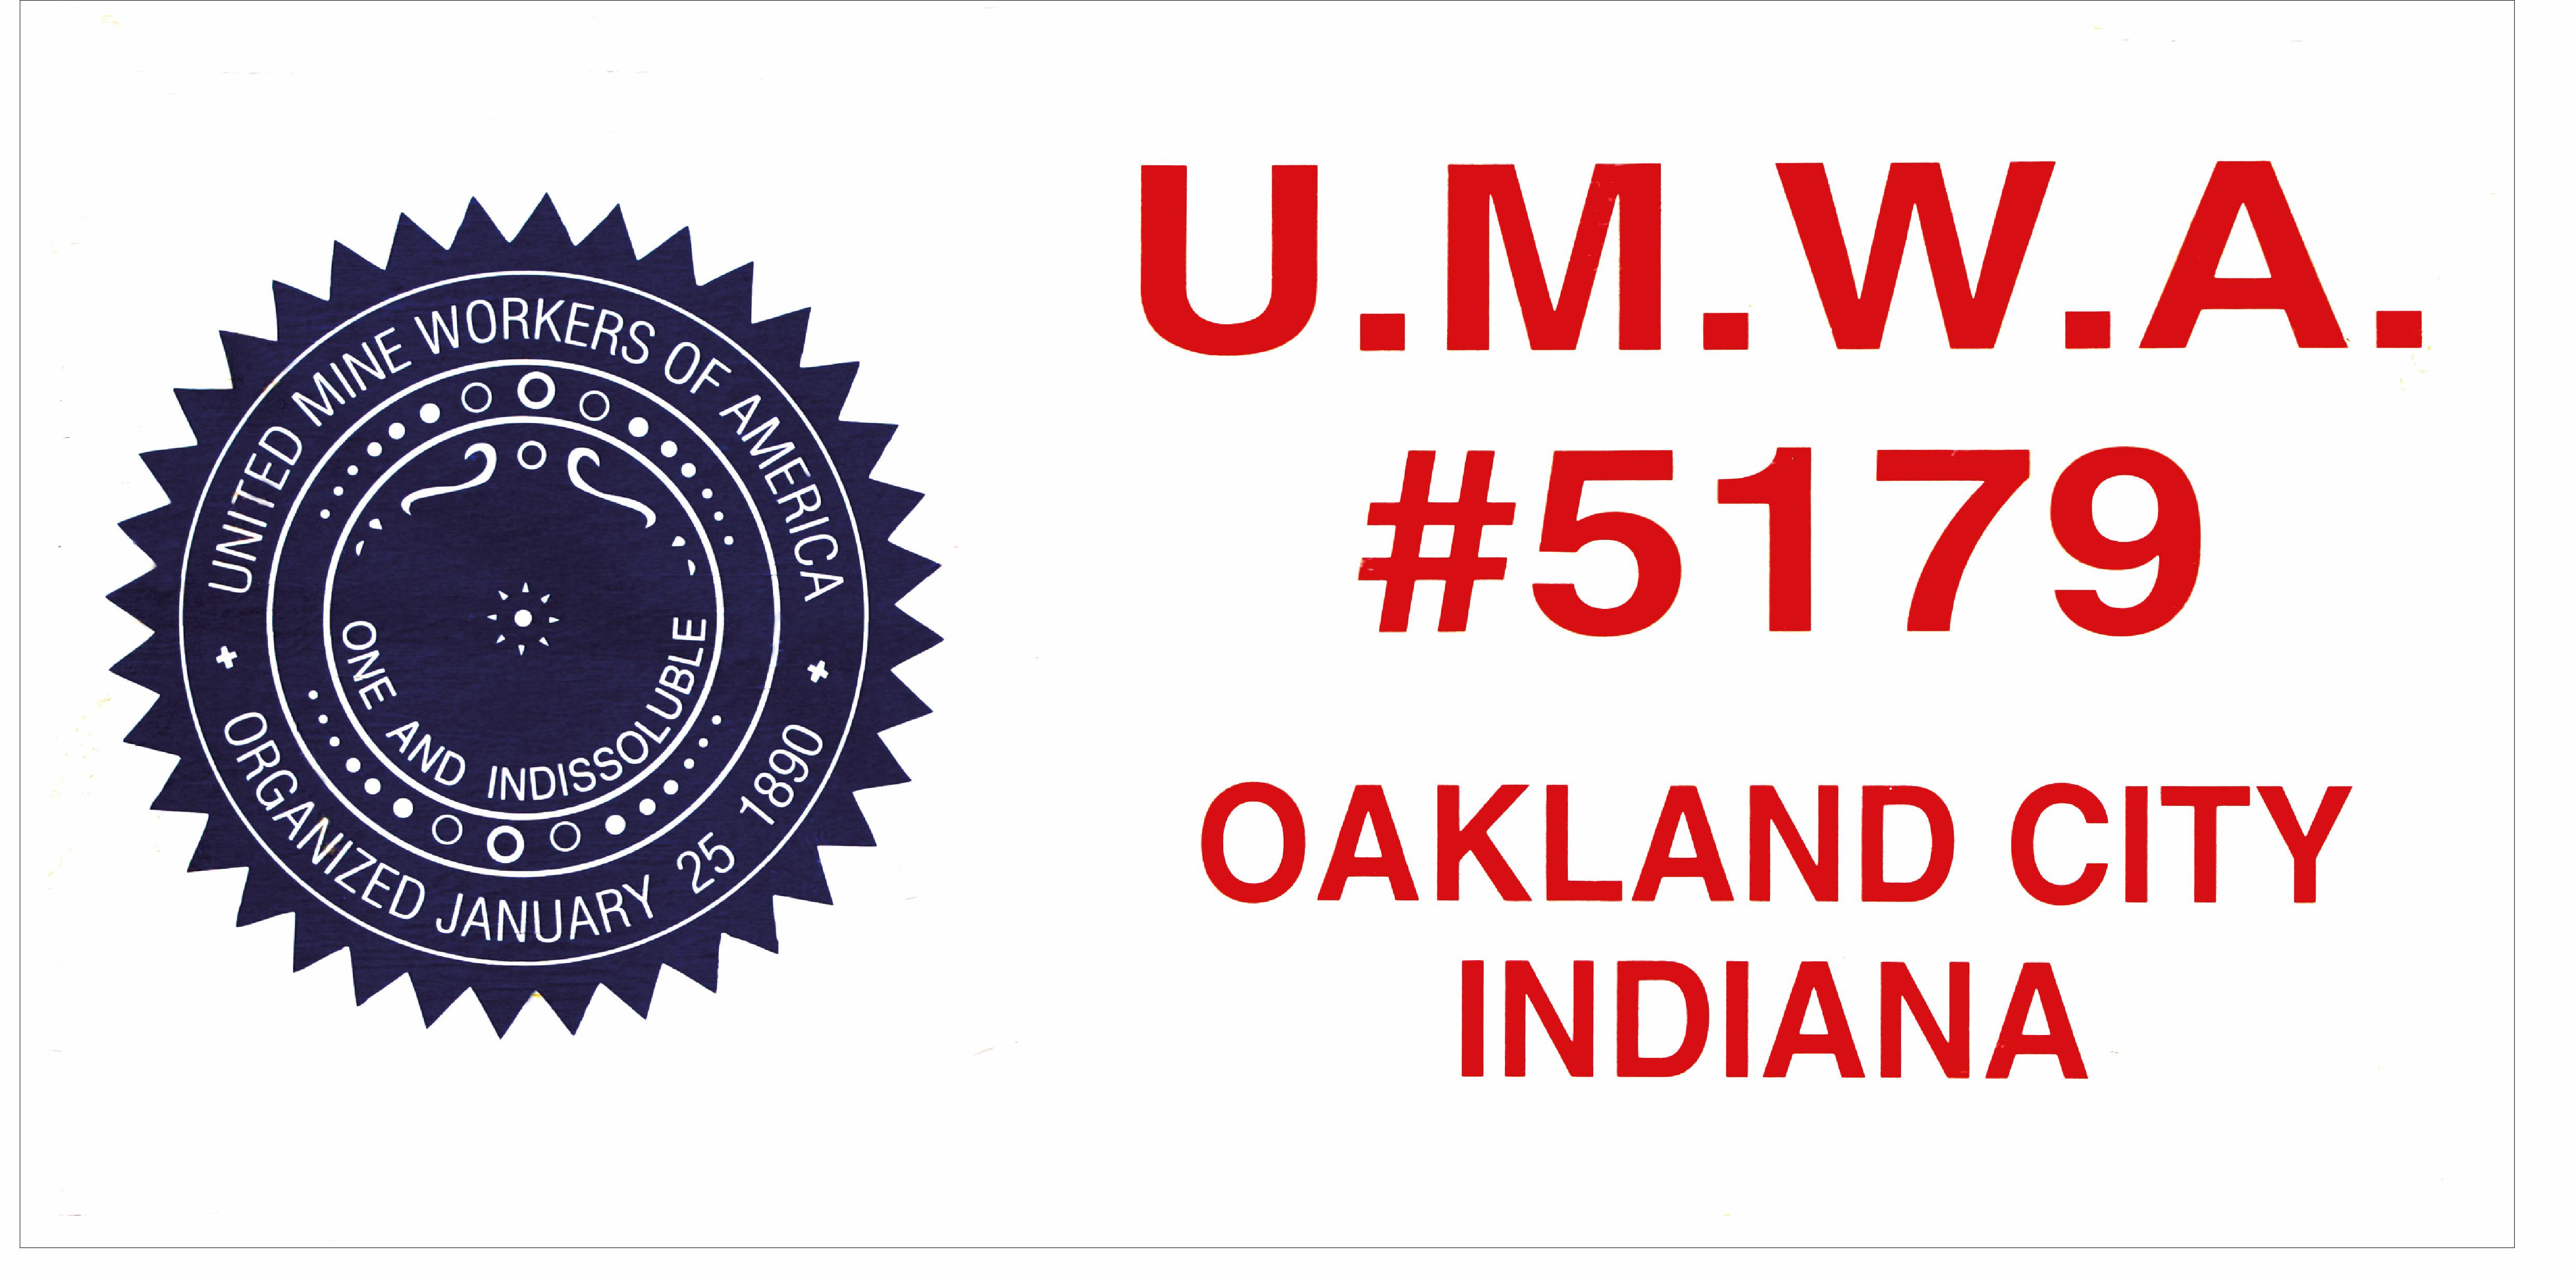 UMWA #5179